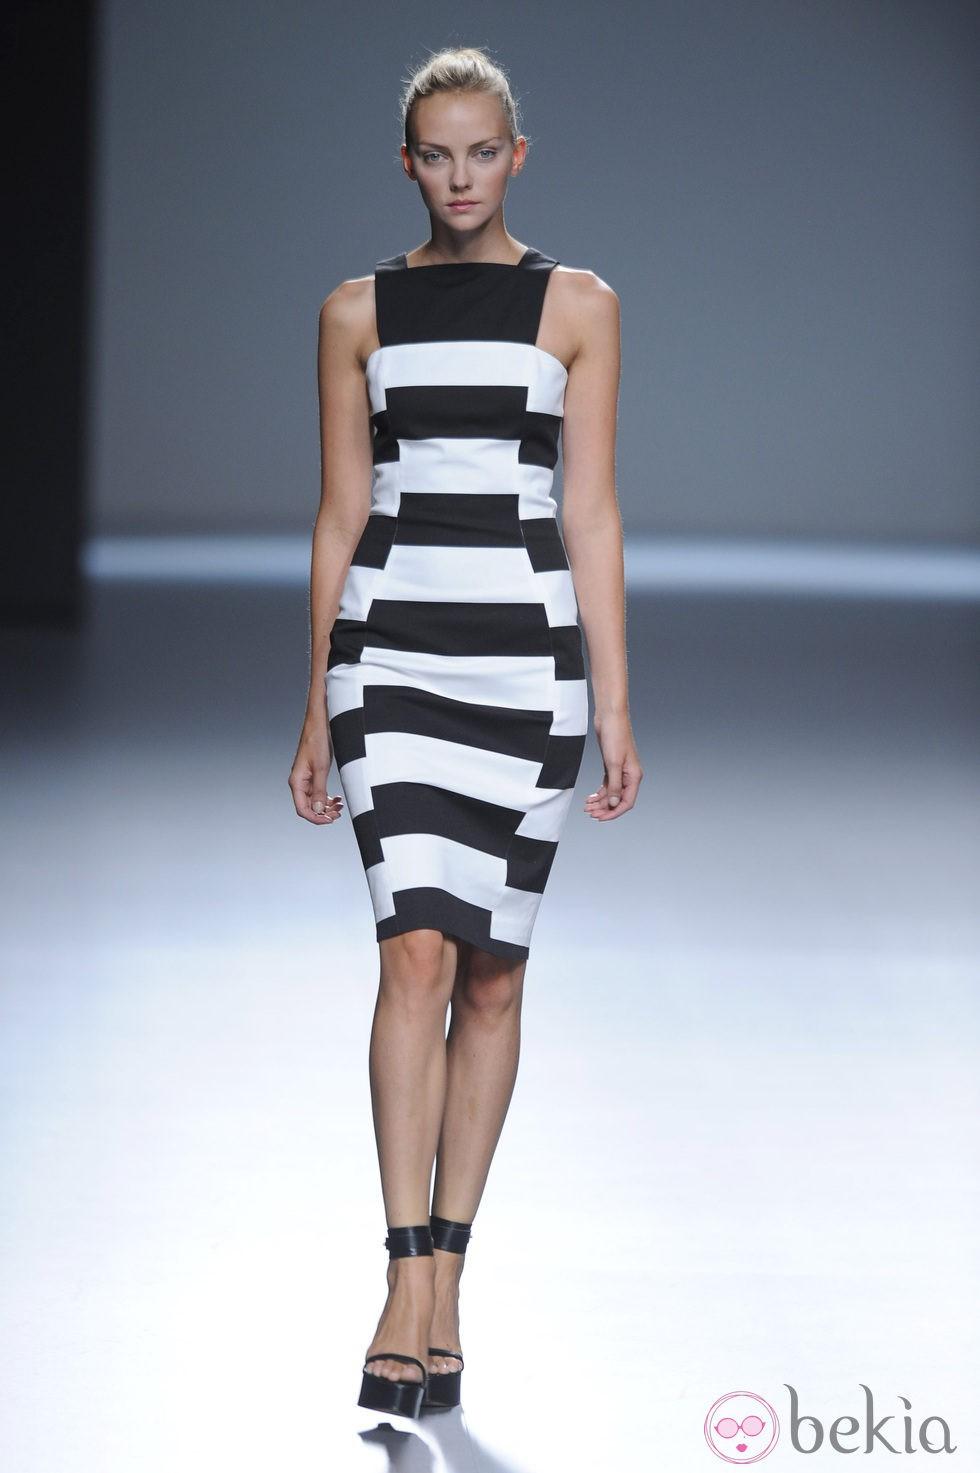 Vestidos de rayas blanco y negro